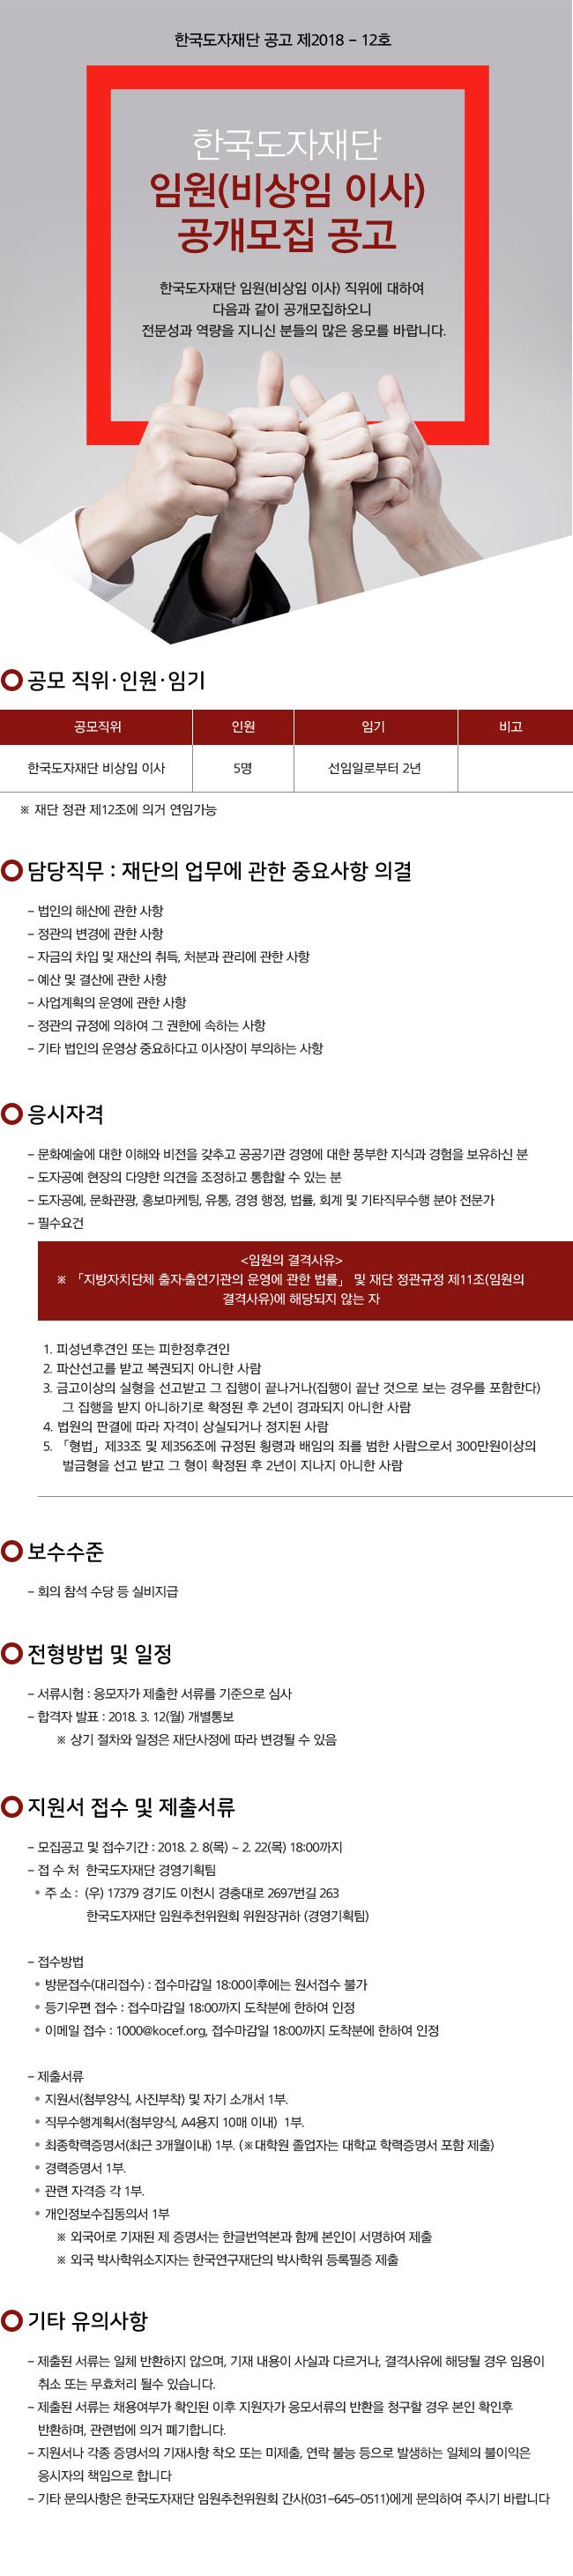 한국도자재단 임원(비상임 이사) 공개모집 공고